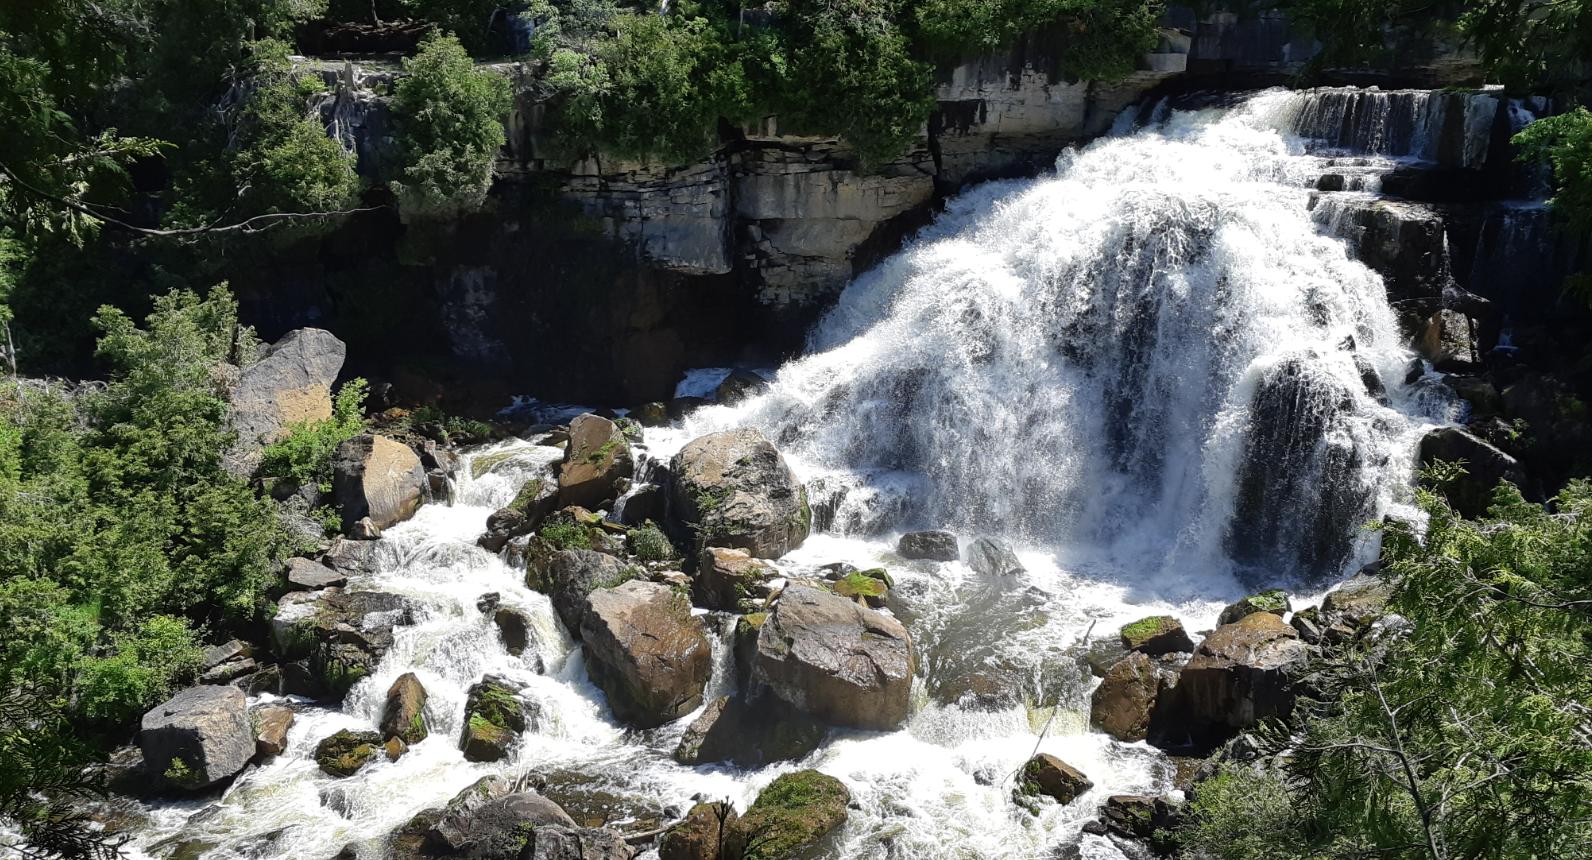 Inglis Falls, full view